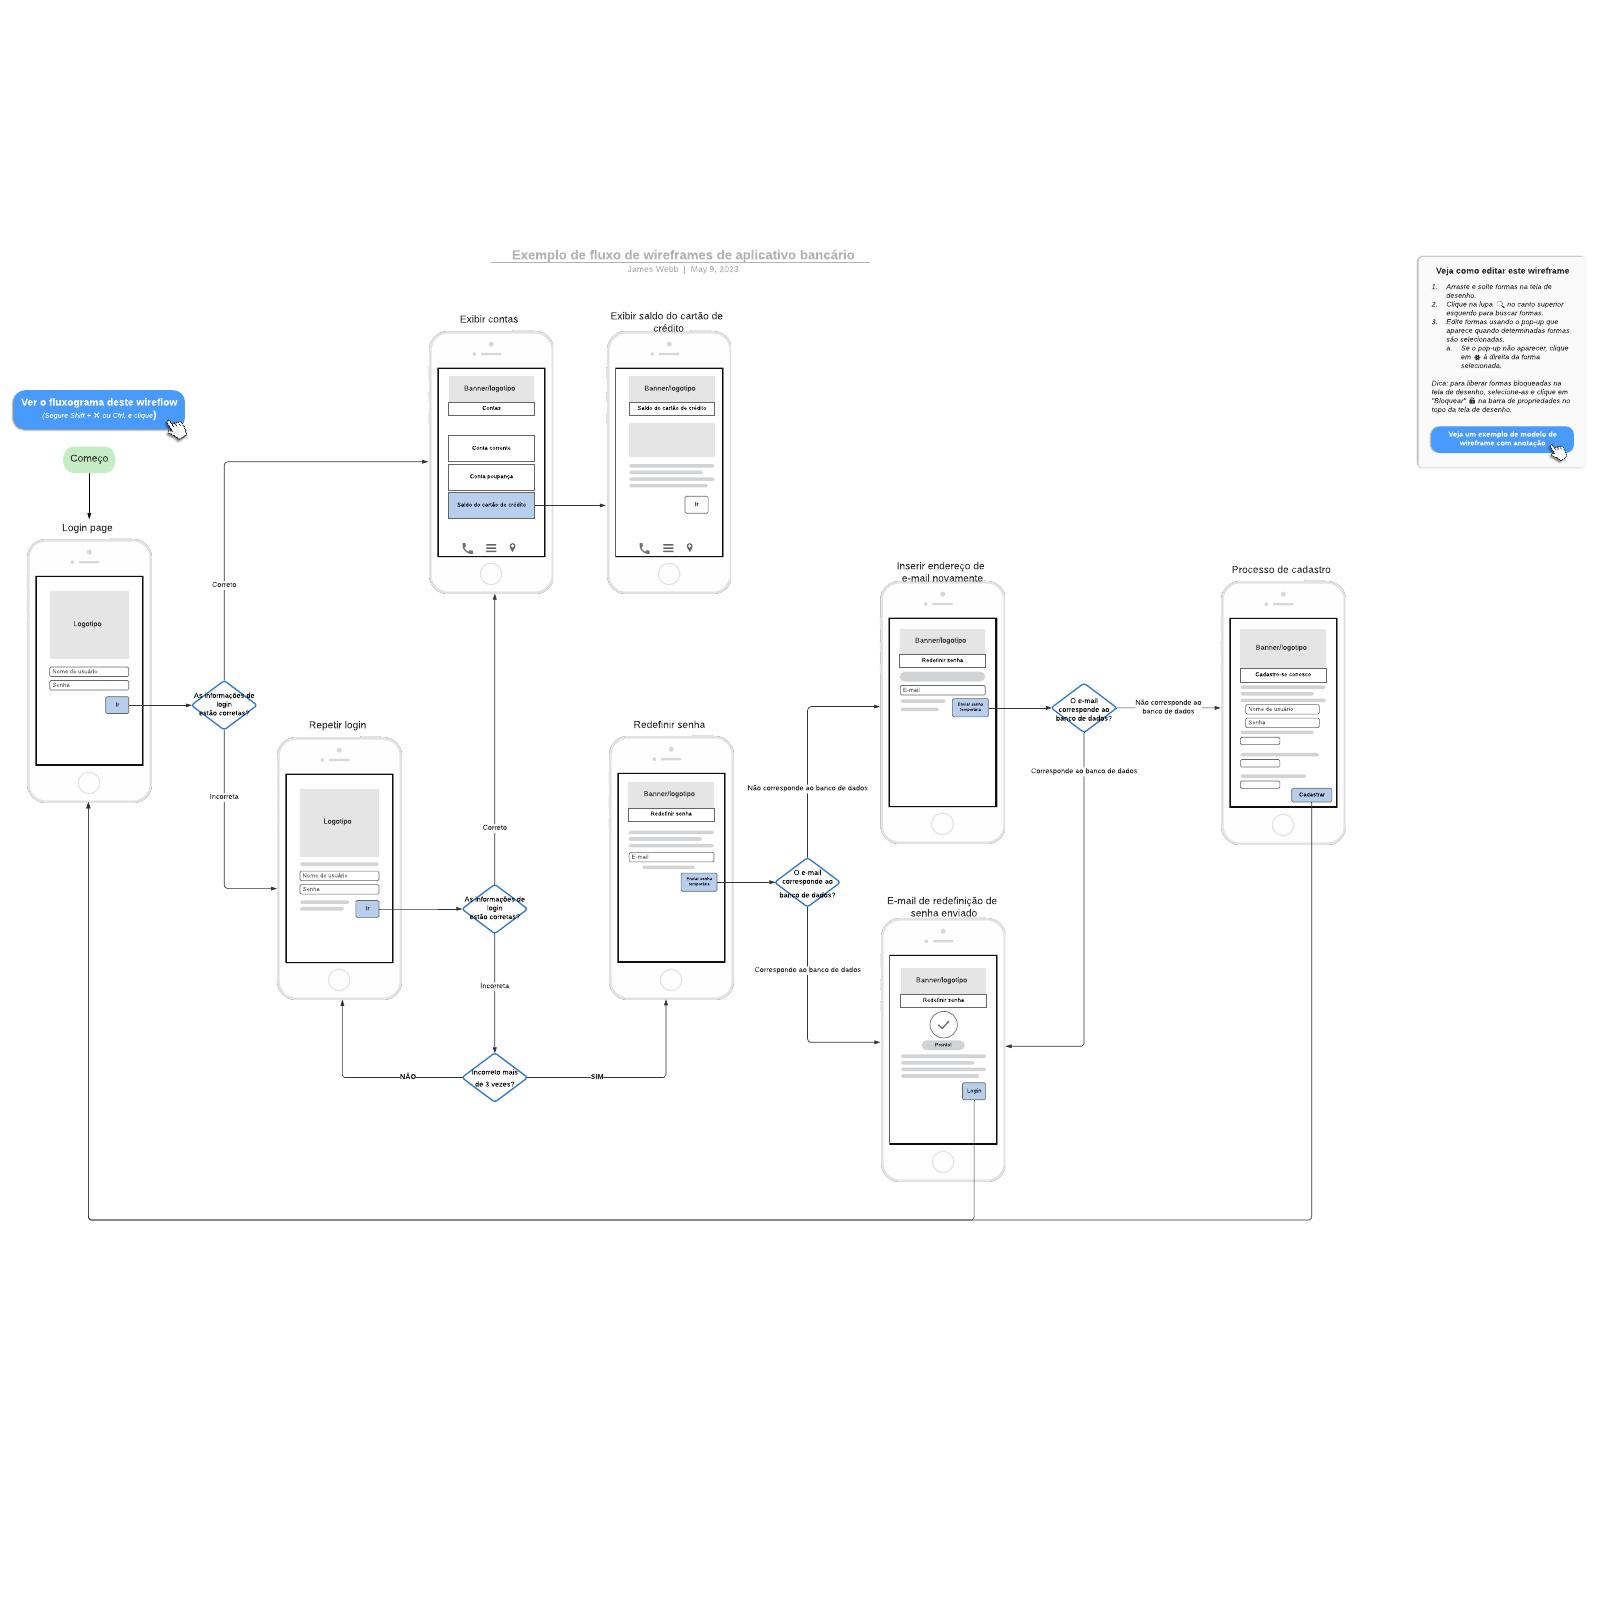 Exemplo de fluxo de wireframes de aplicativo bancário